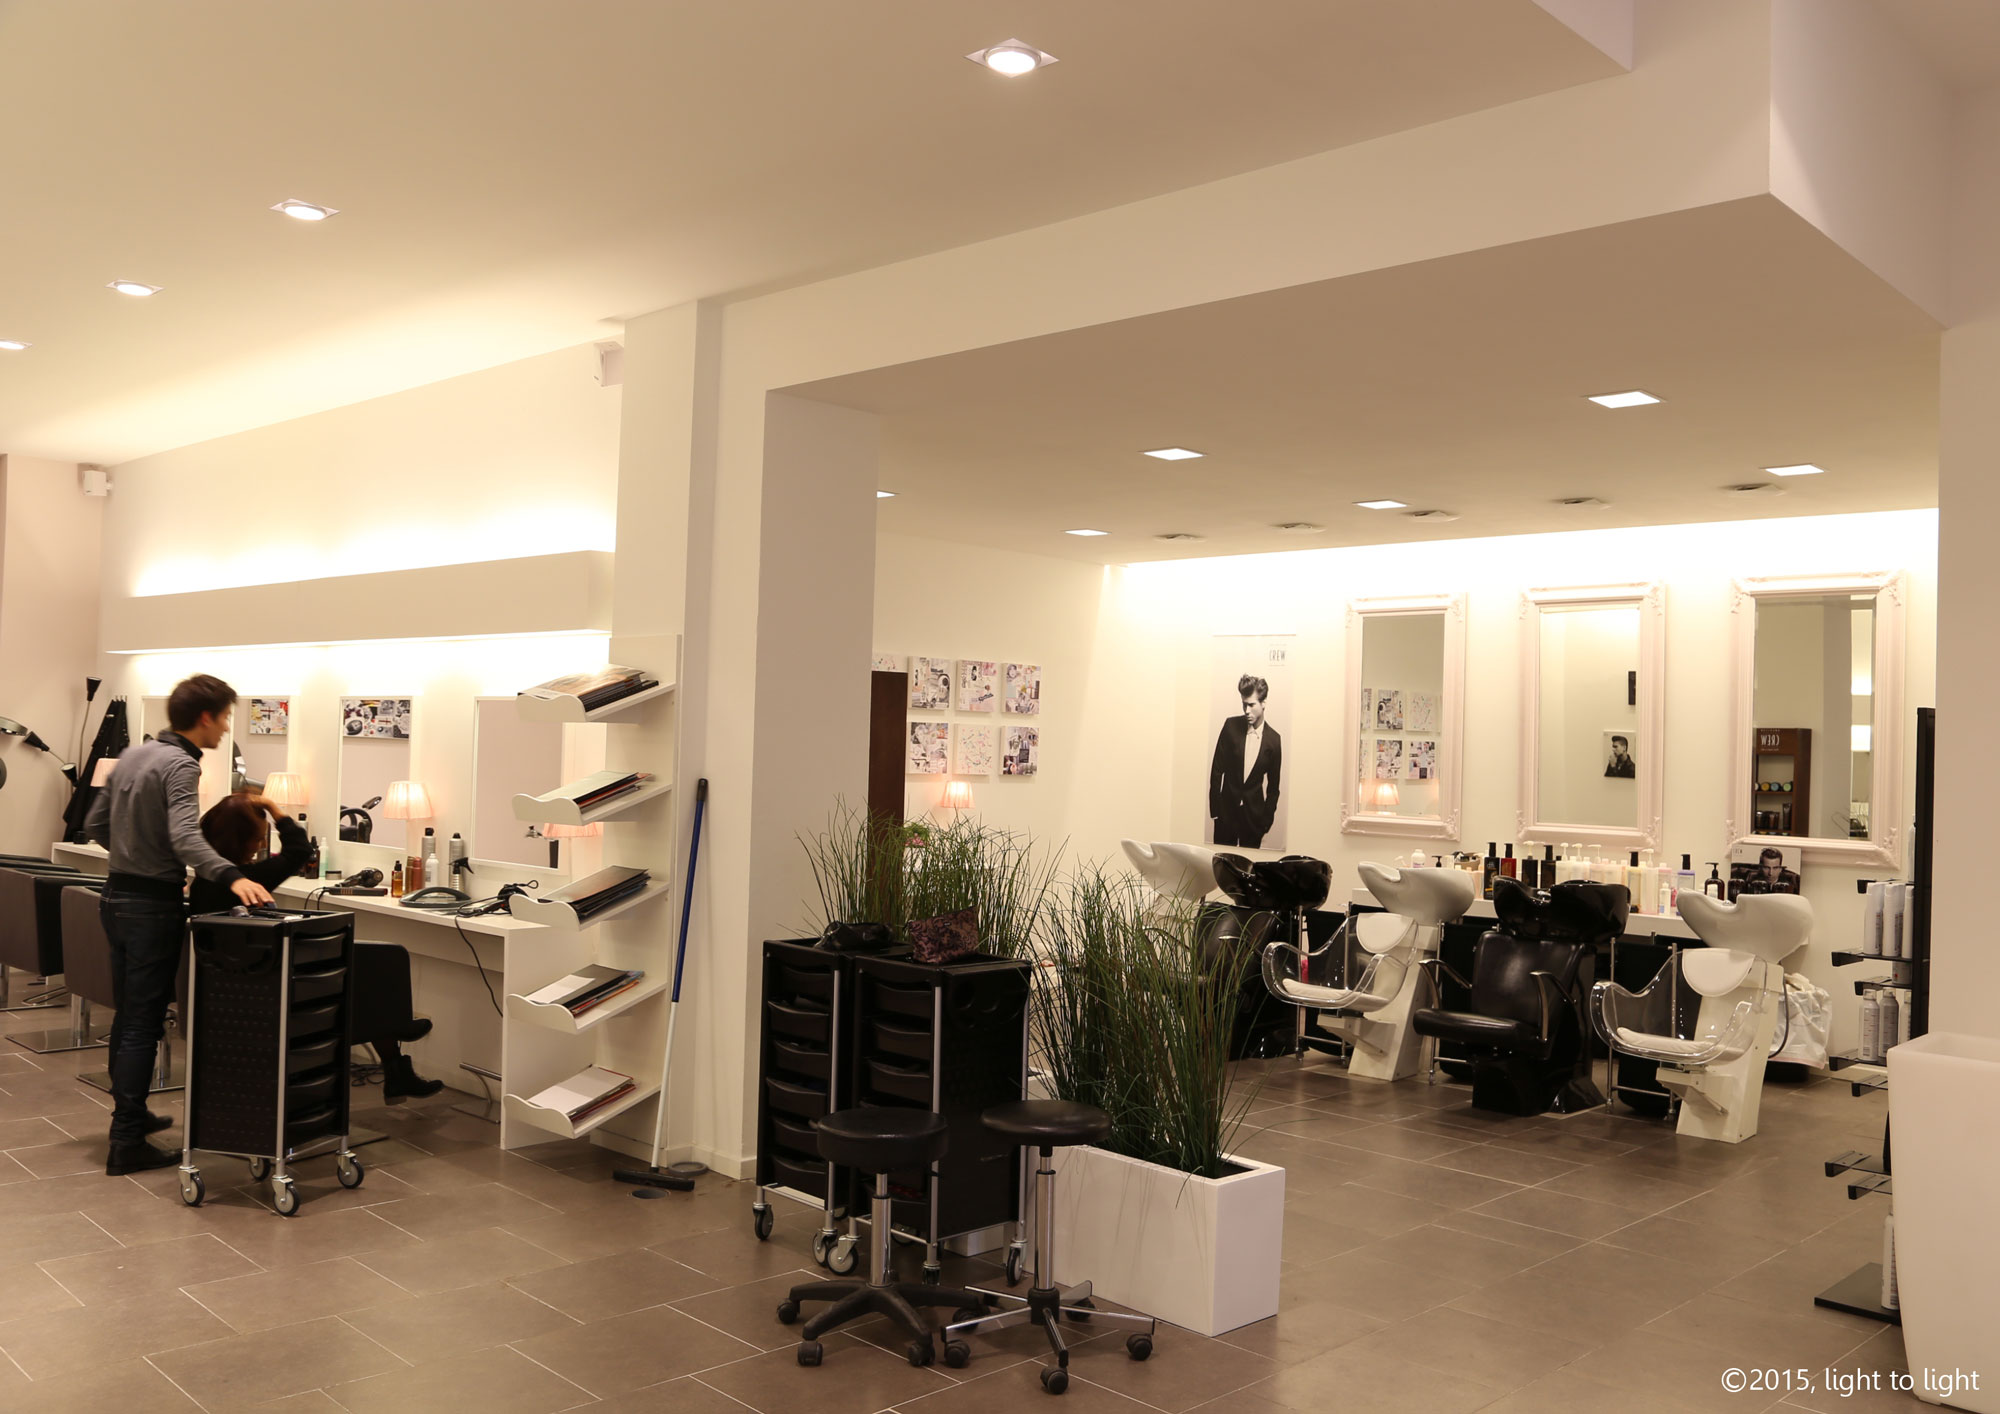 Salon de coiffure le printemps huy light to light - Le salon de coiffure ...